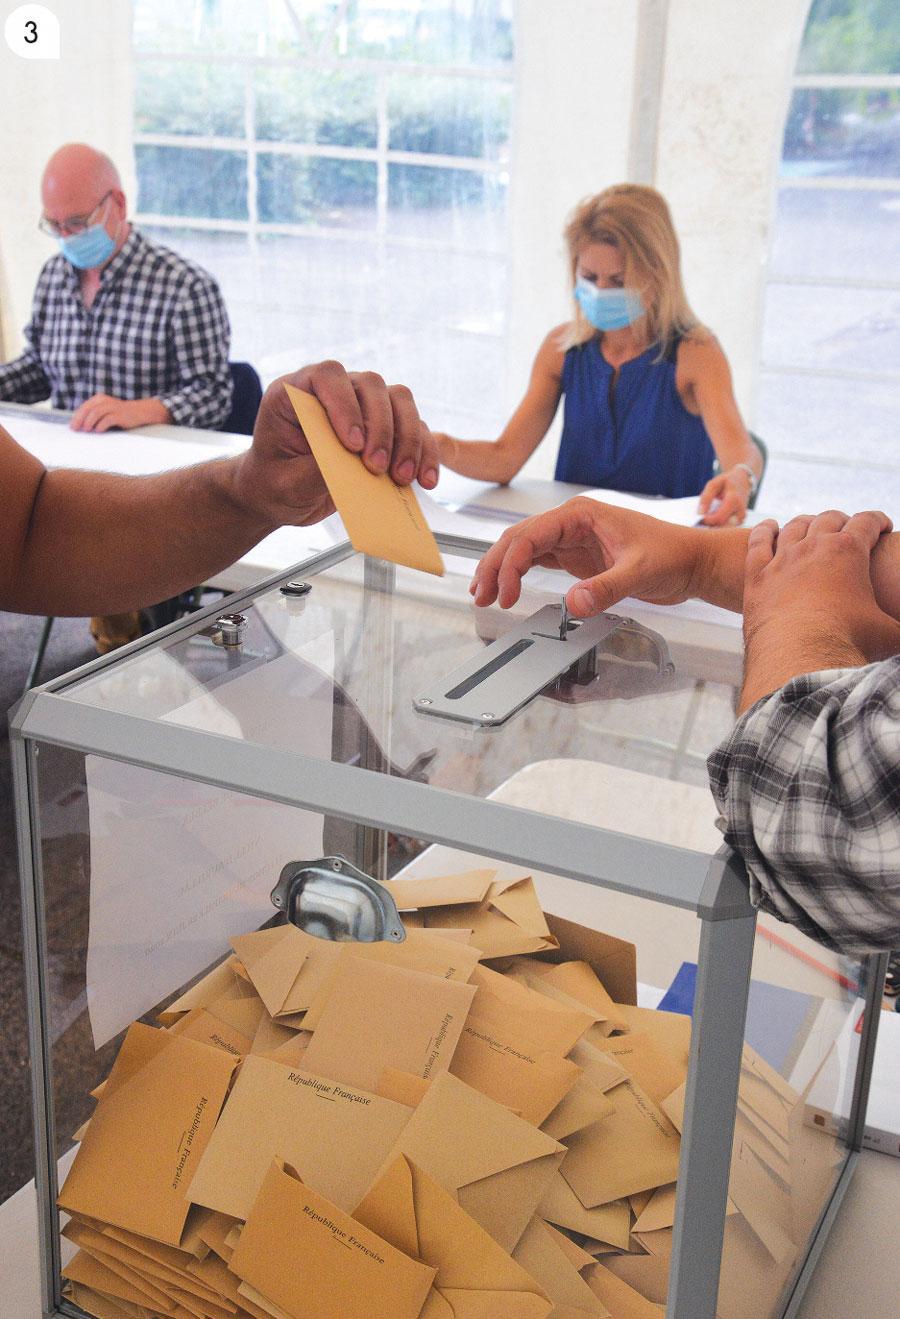 3 / Le nombre d'électeurs présents dans le bureau de vote sera limité à 3.